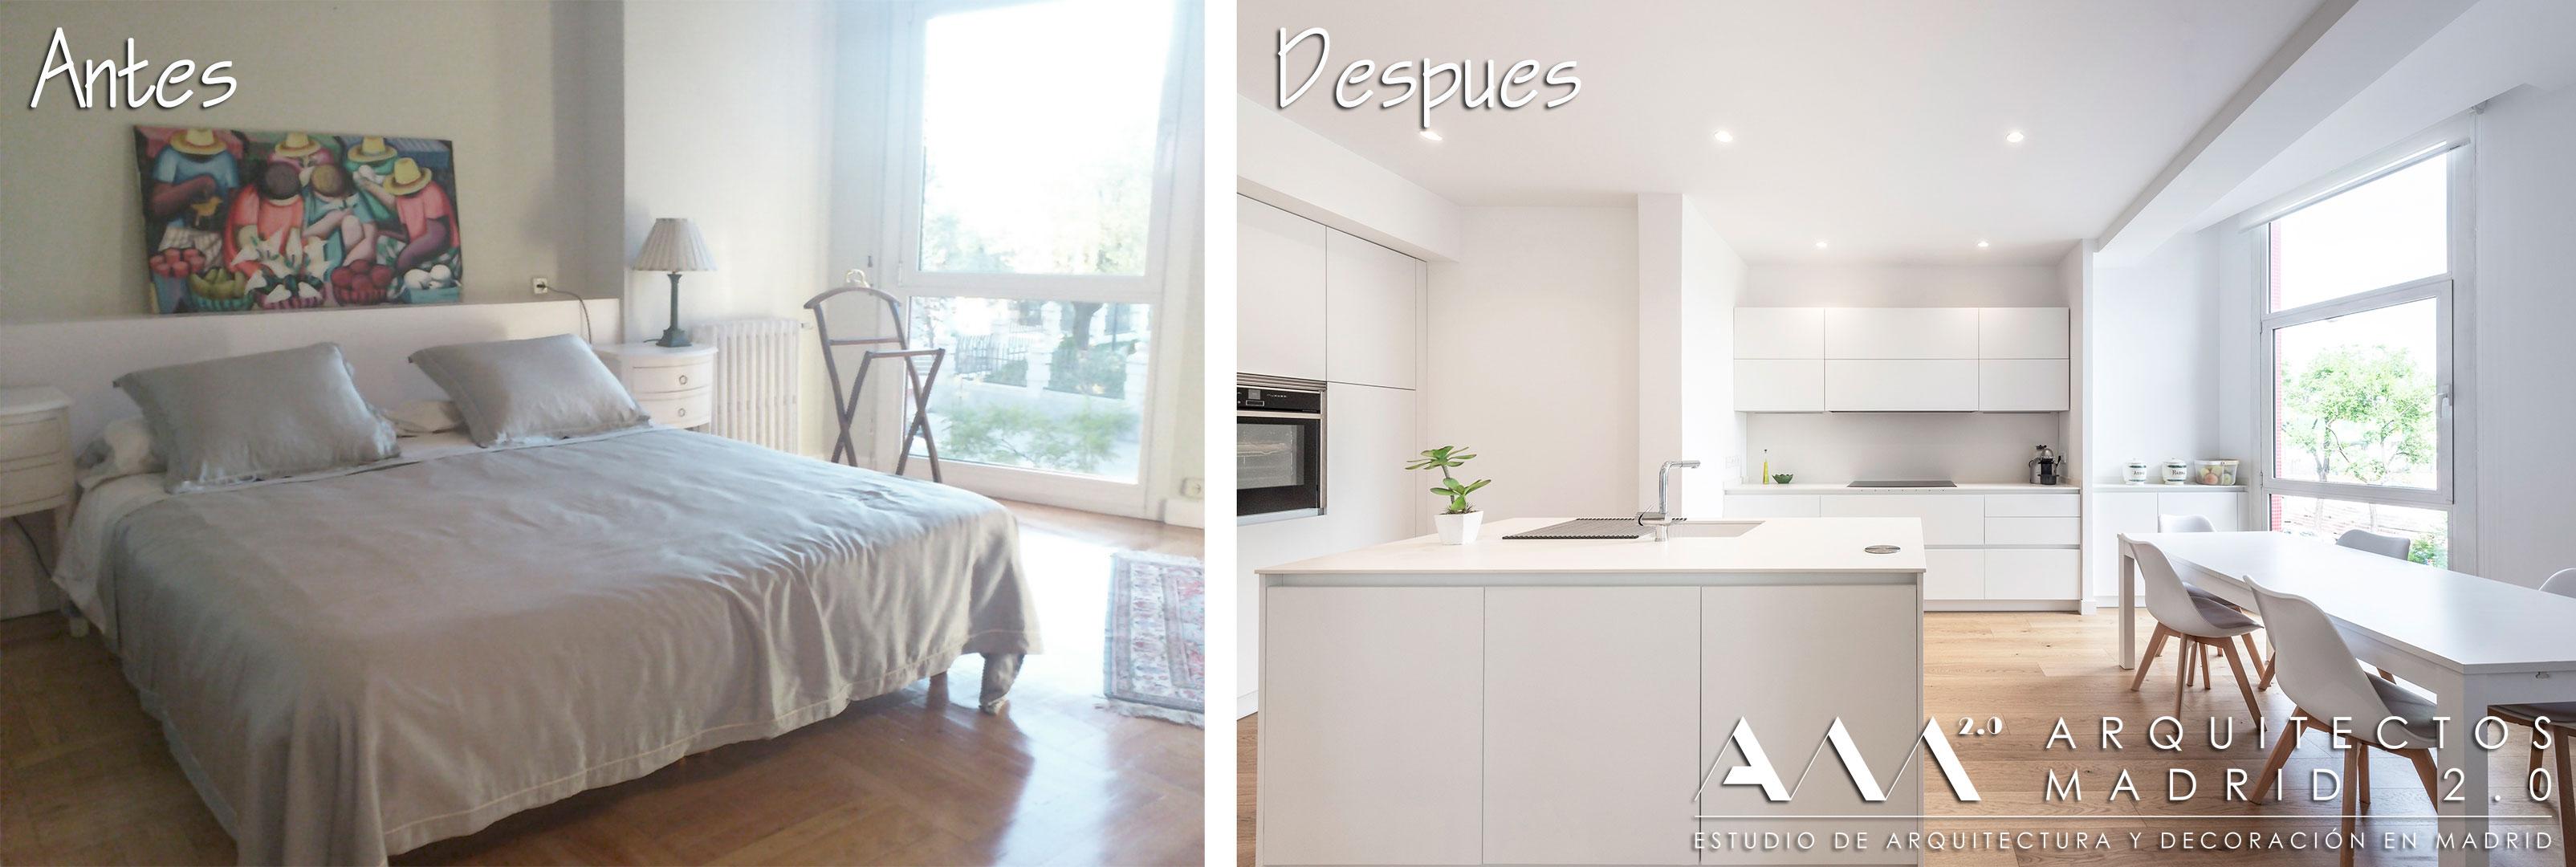 cuanto-cuestar-reformar-un-piso-casa-vivienda-por-arquitectos-madrid